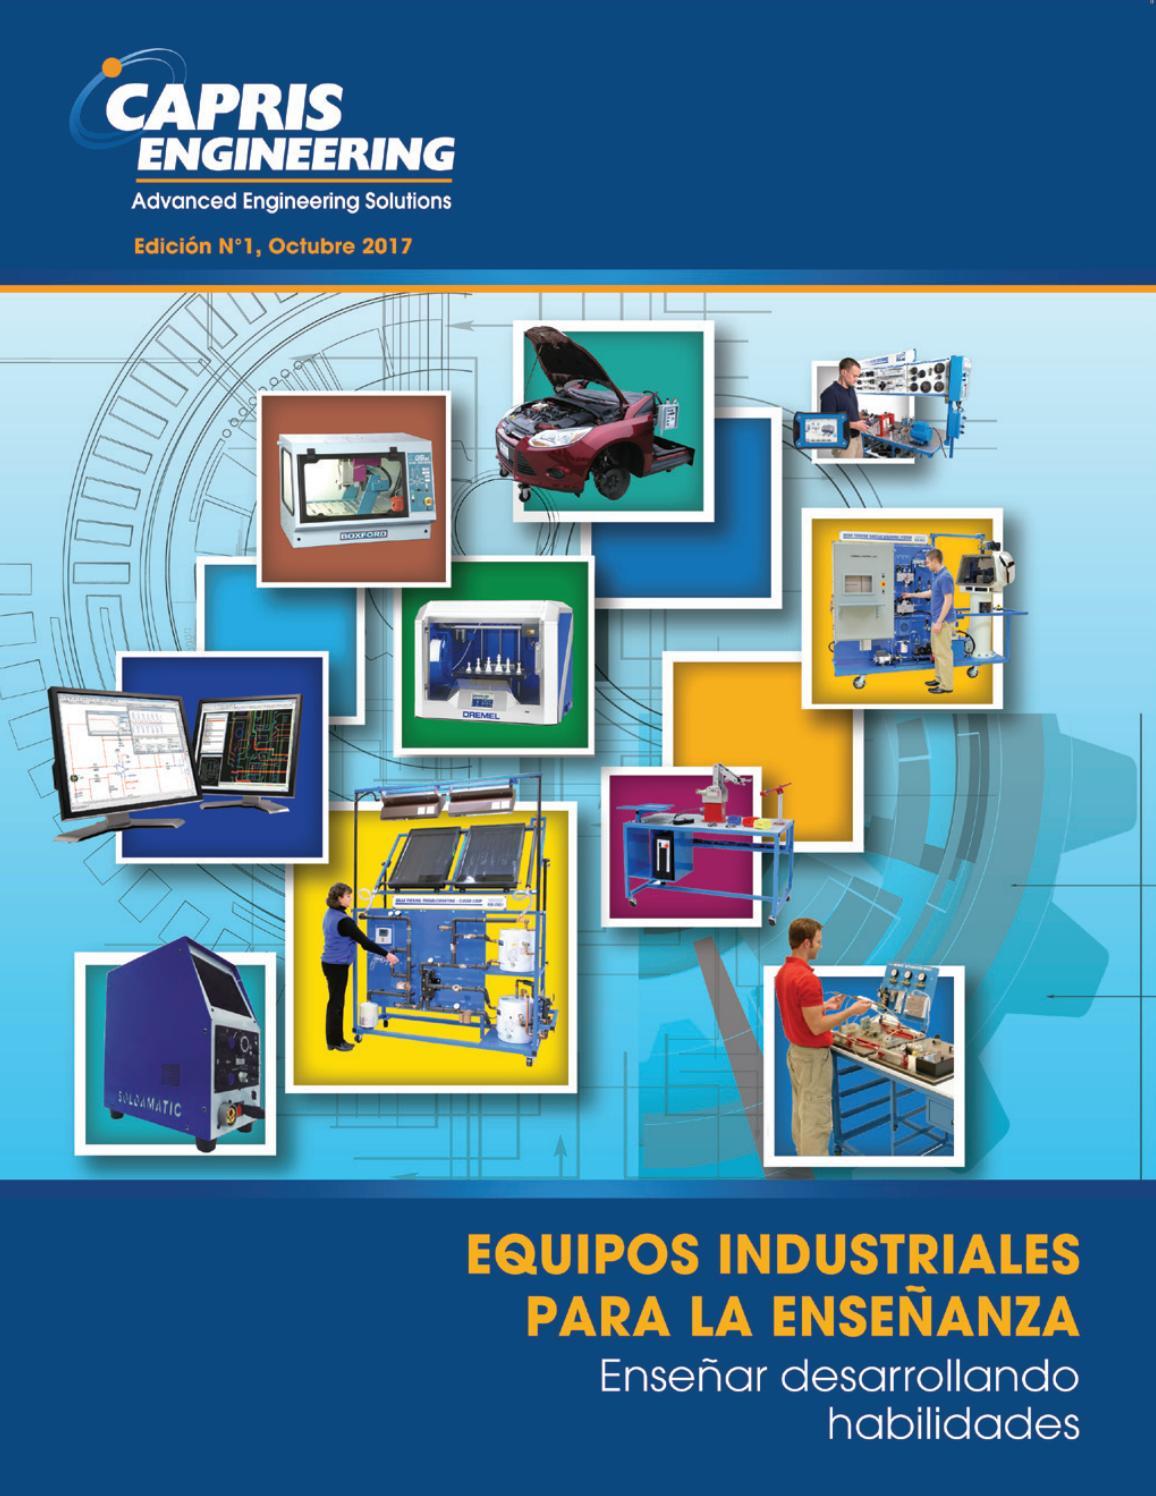 Catalogo capris eng Oct 2017 Equipos Industriales para la Enseñanza ...